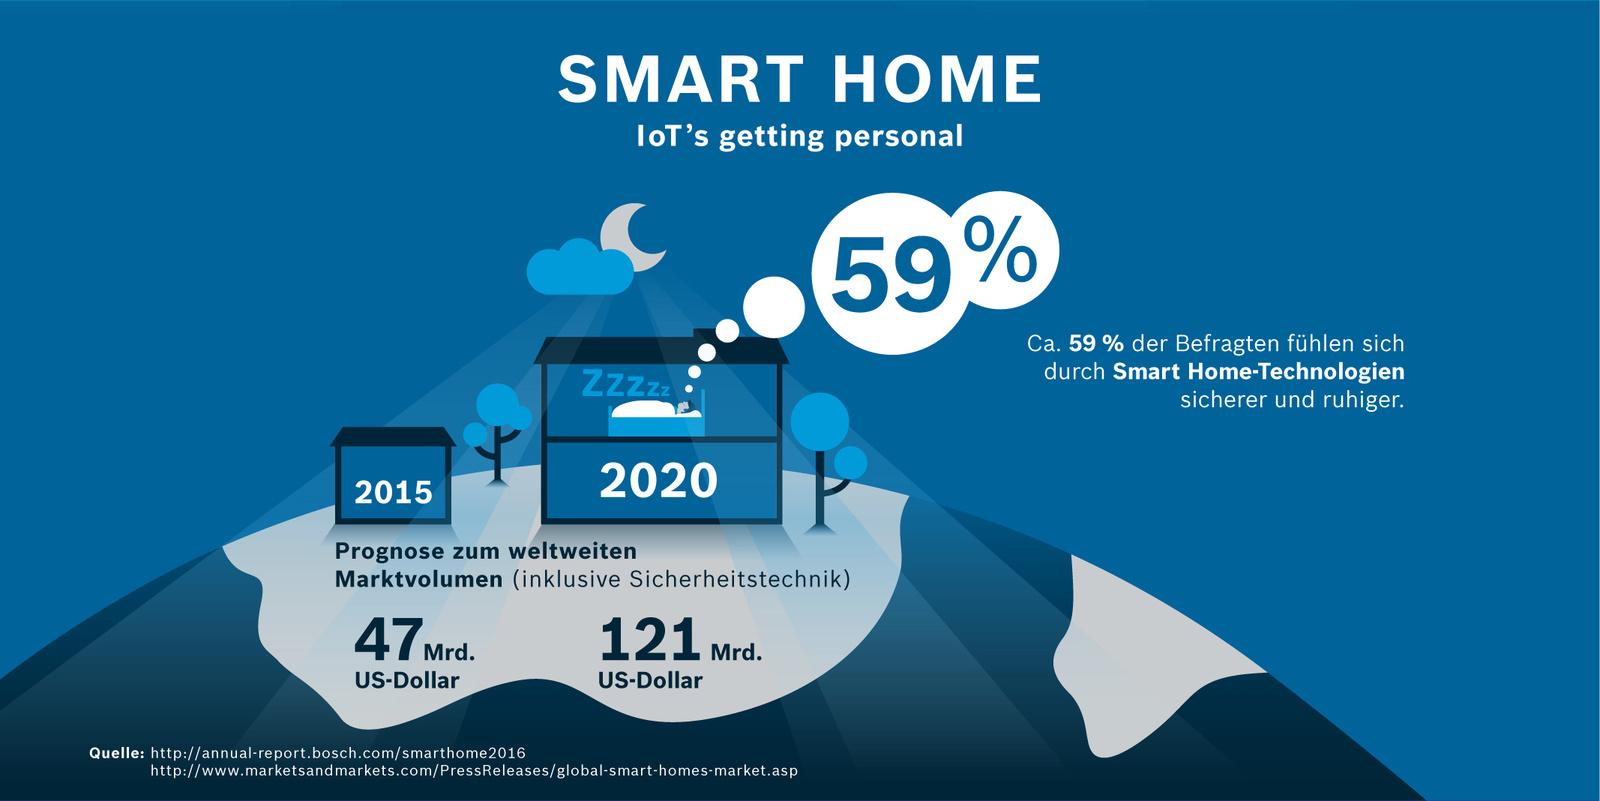 Smart Home-Technologien bieten ein Gefühl von Sicherheit und Ruhe